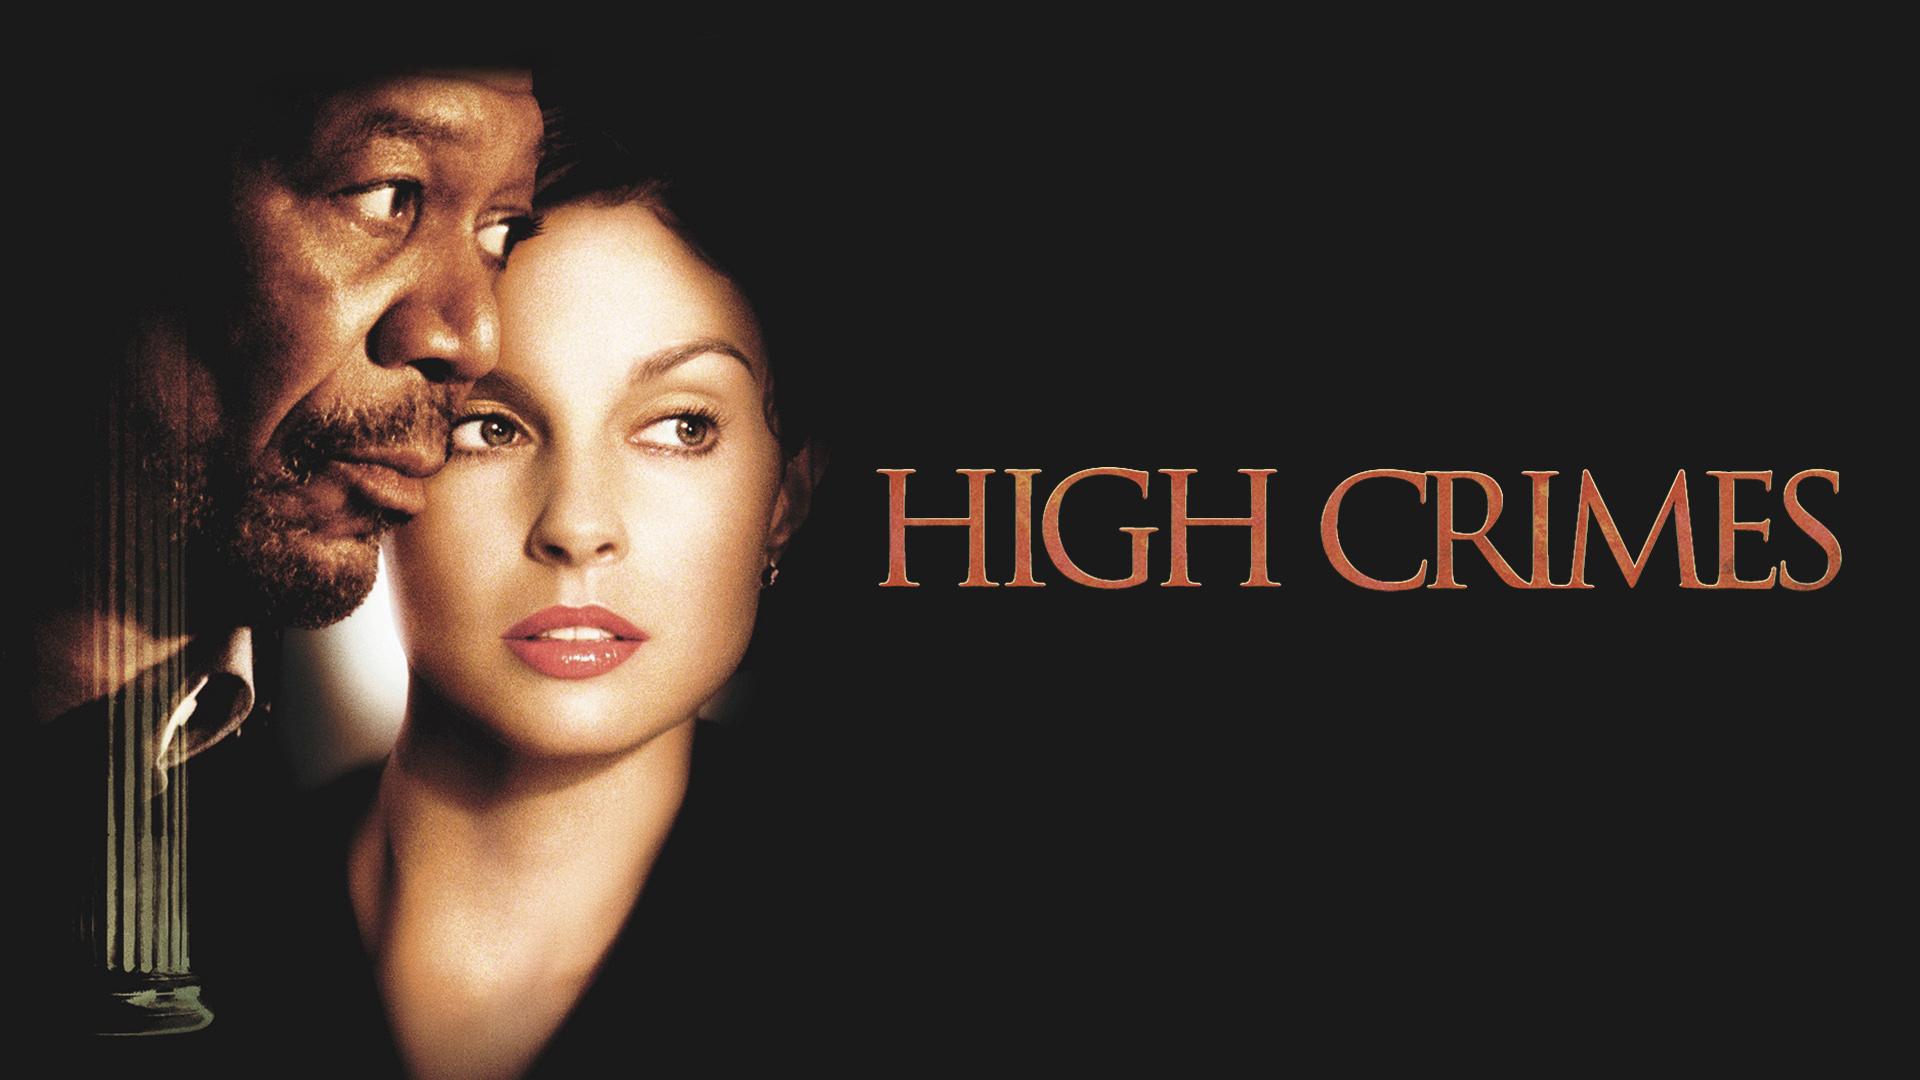 High Crimes (字幕版)